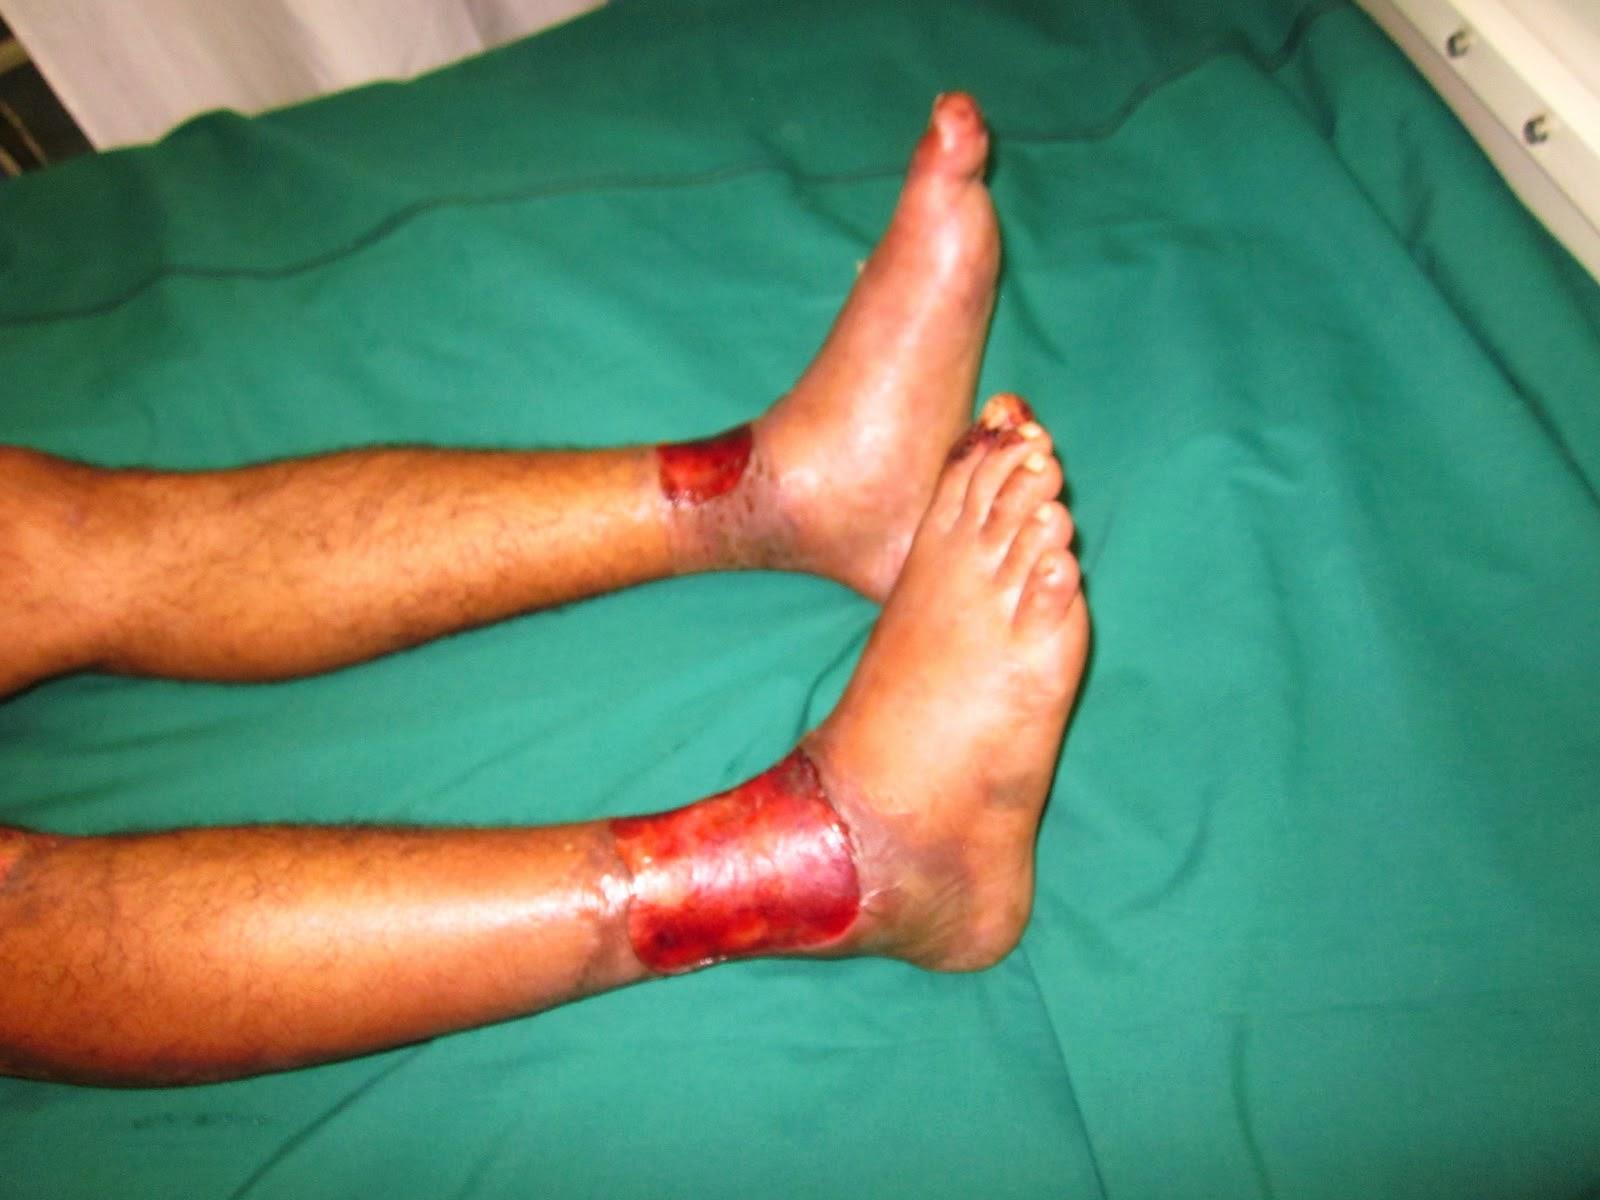 septicemia legs